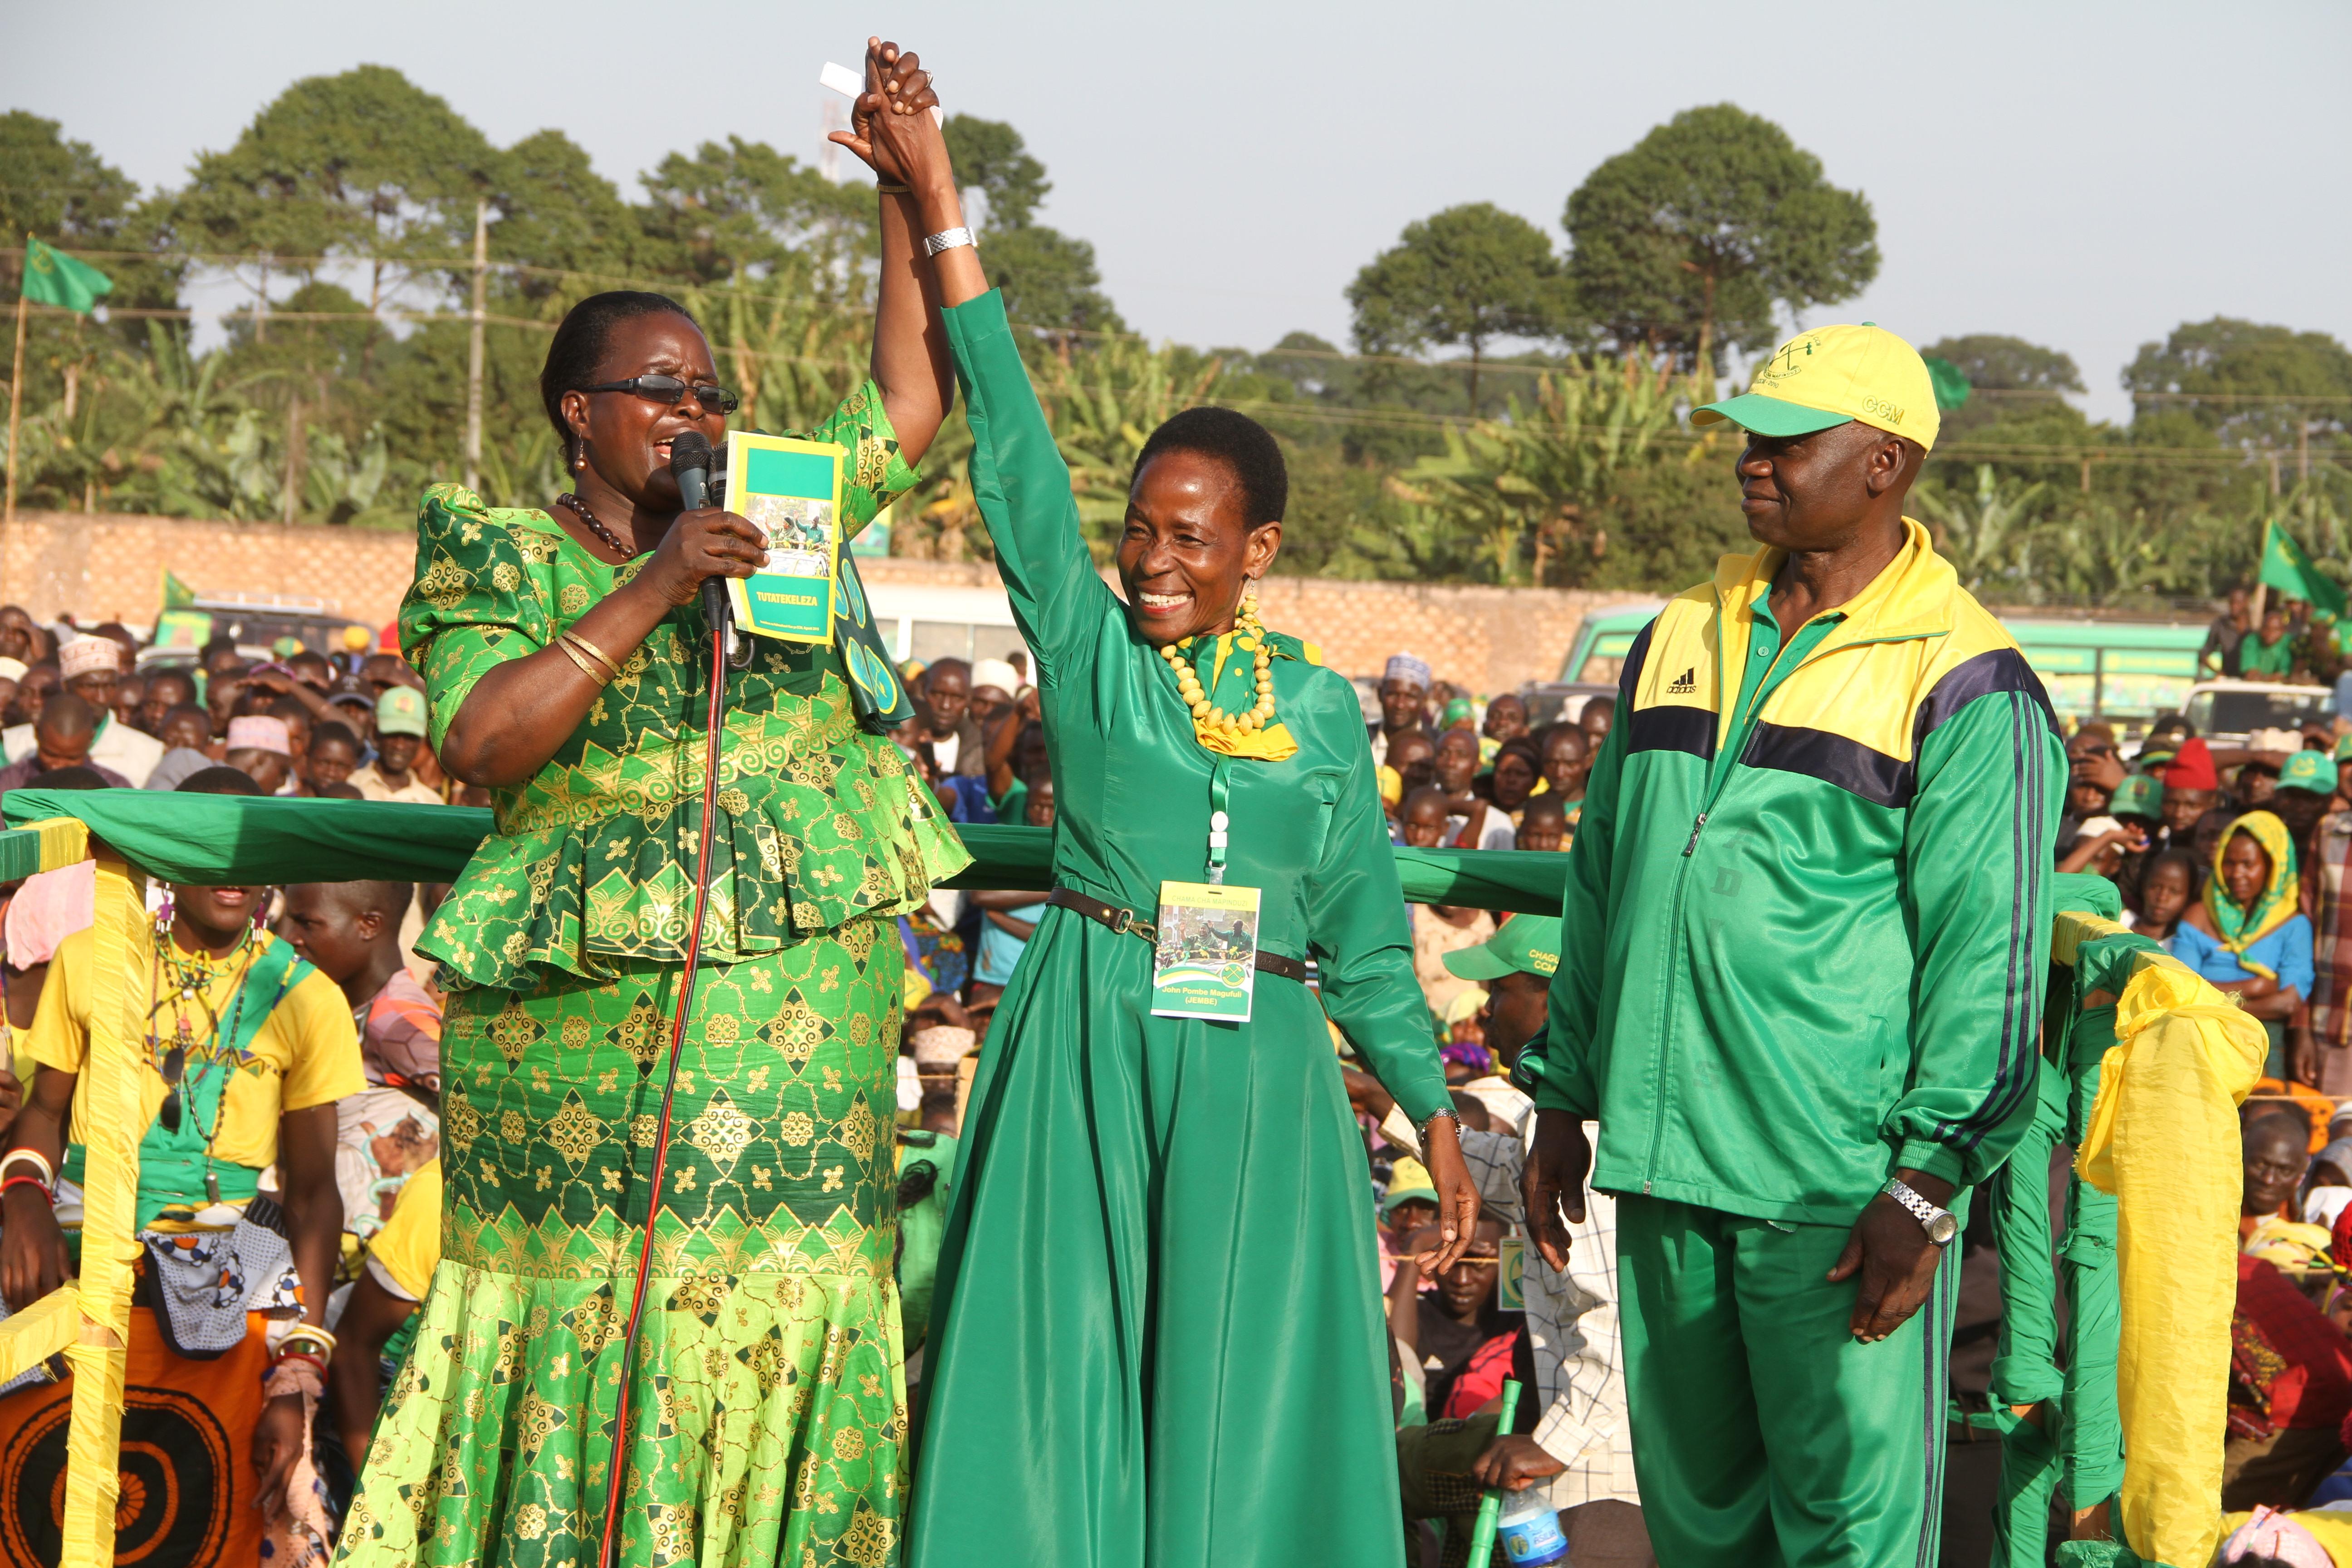 Prof Anna Tibaijuka akikabidhiwa ilani ya CCM katika uzinduzi wa kampeni za ubunge Muleba Kusini  katika  uwanja wa David B. Zimbihile